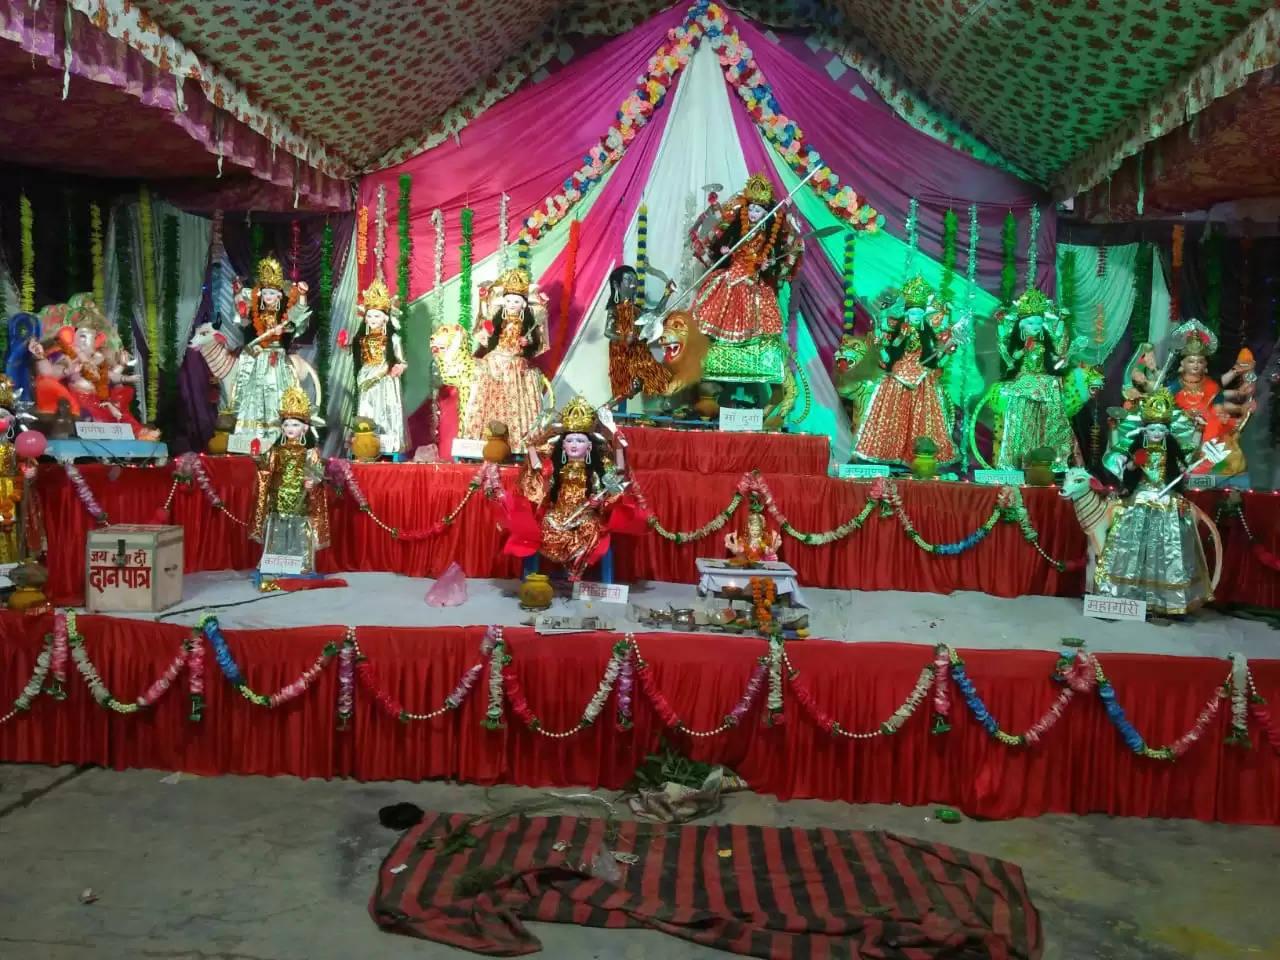 धूमधाम से हुई नवरात्रि की भव्य शुरुआात, कंचौसी में की गई नौ देवियों की स्थापना